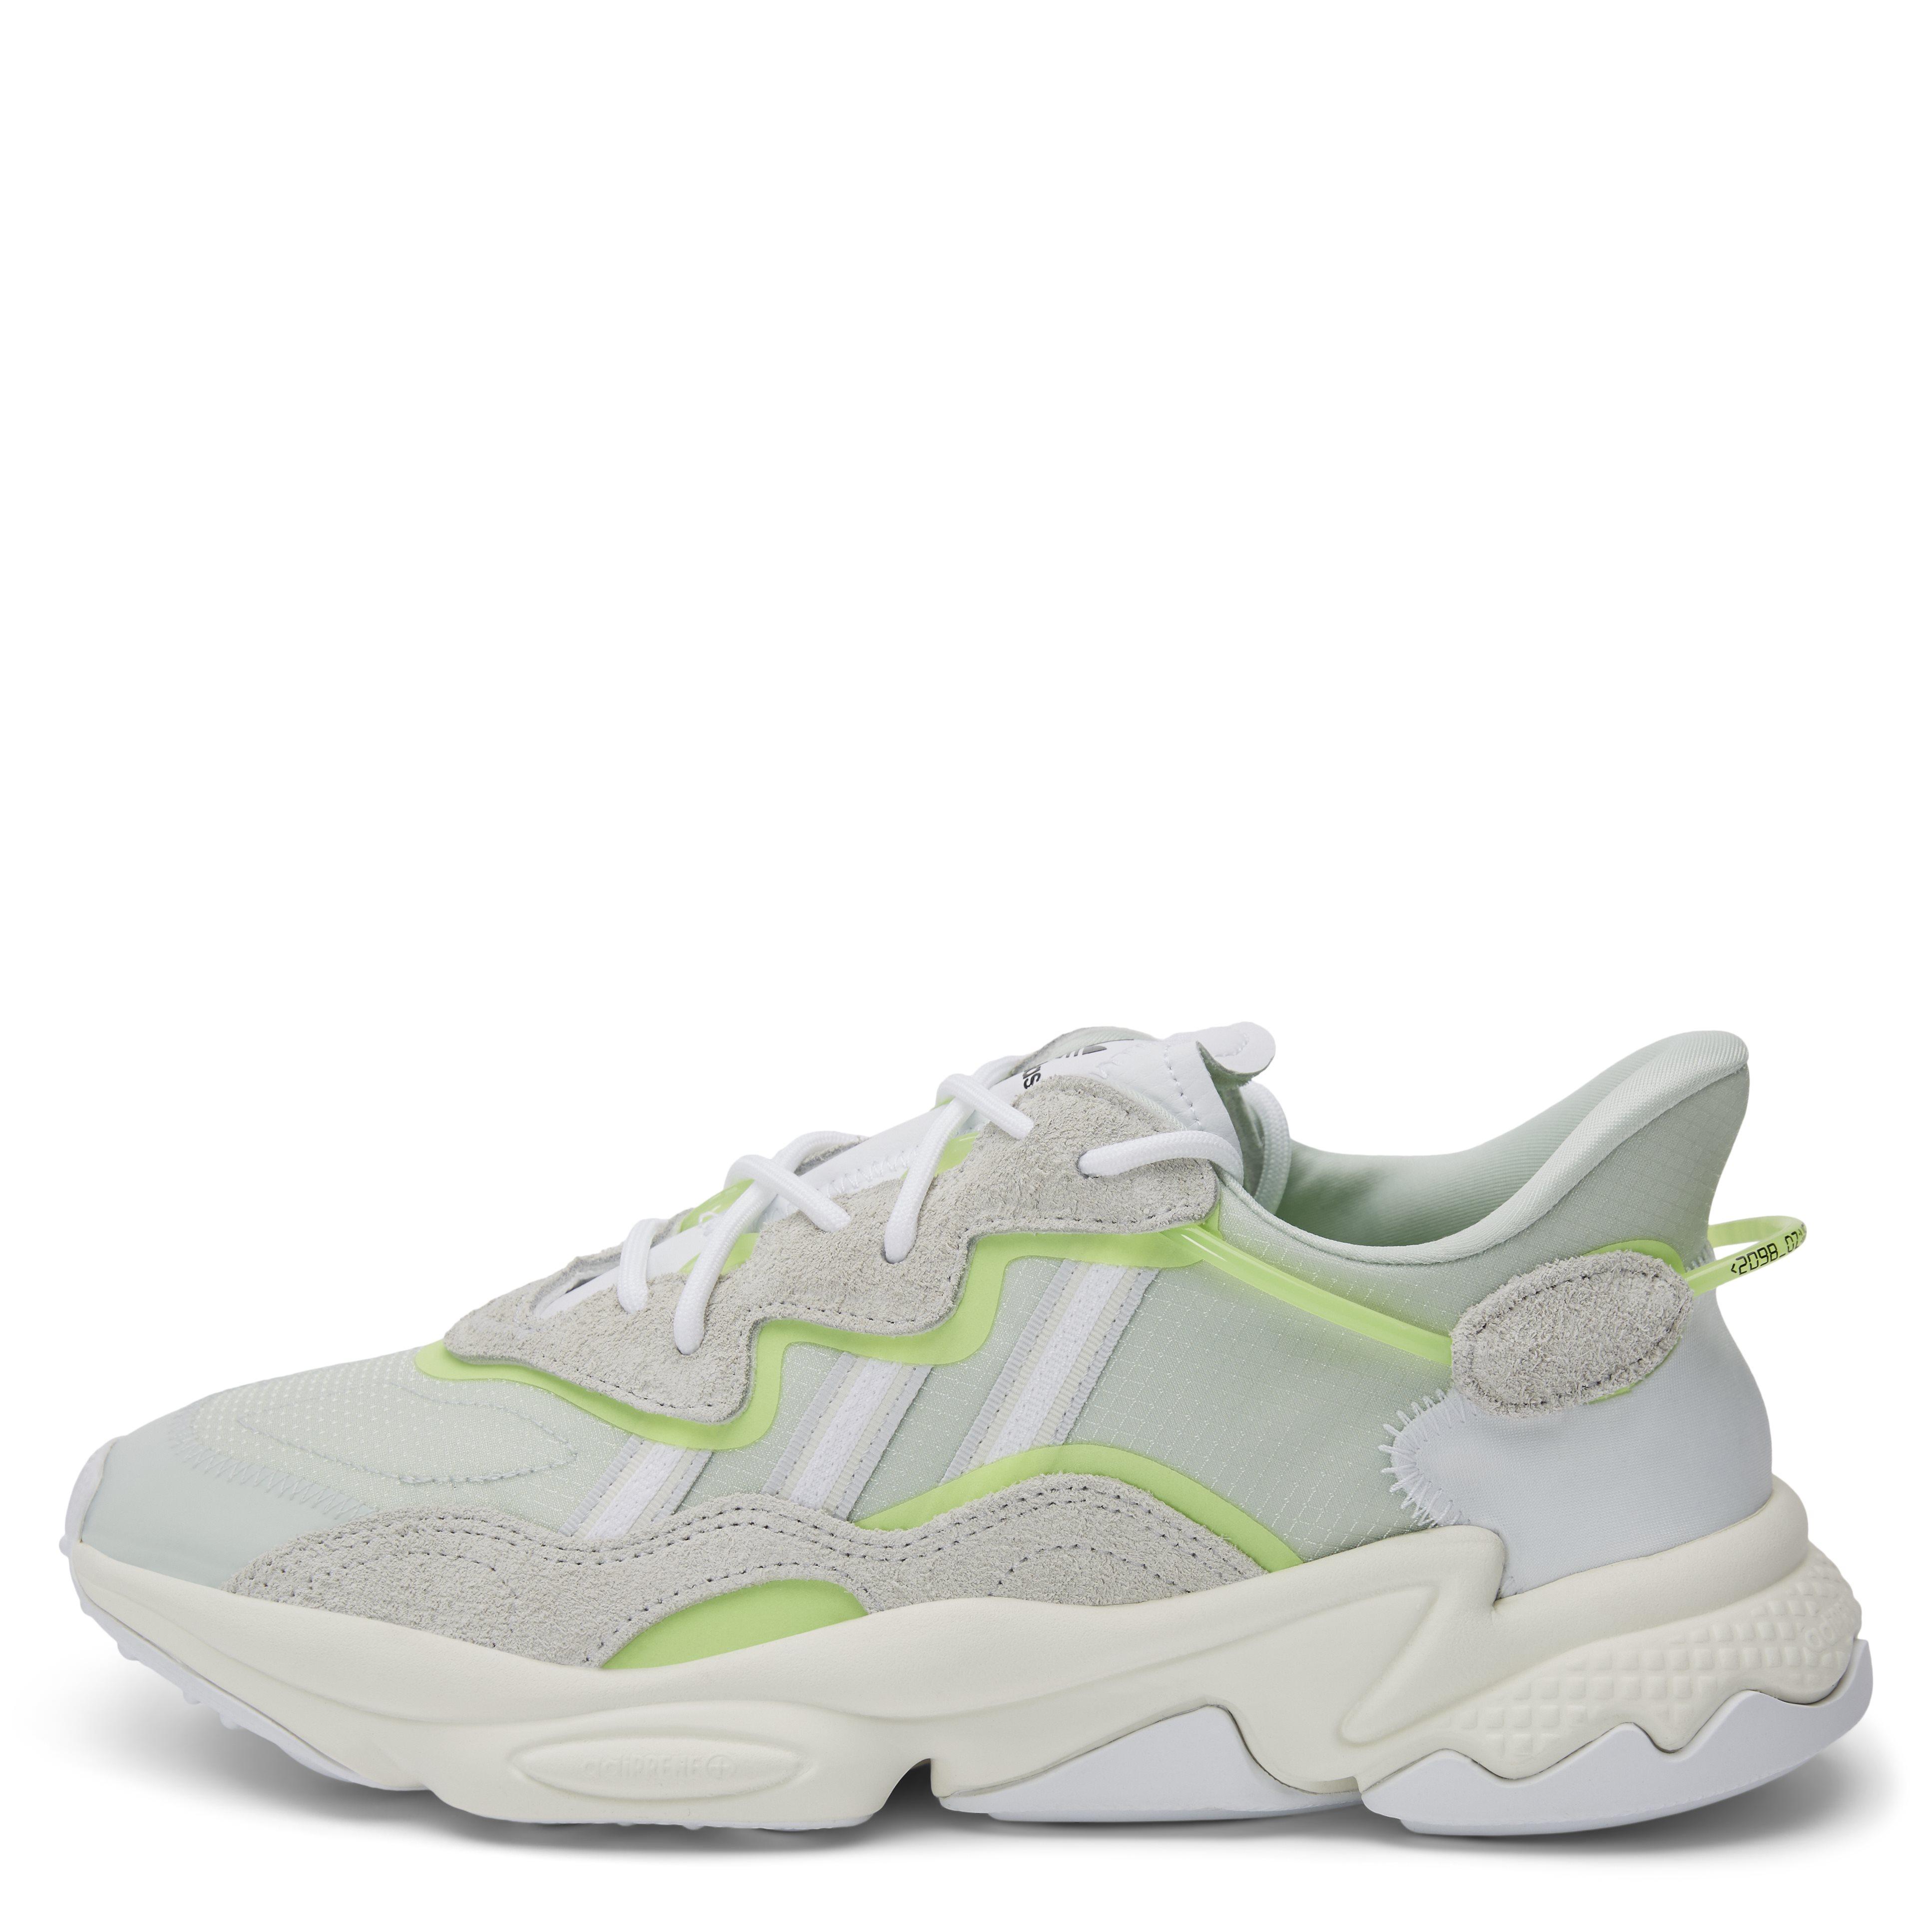 Ozweego Sneaker - Sko - Grå